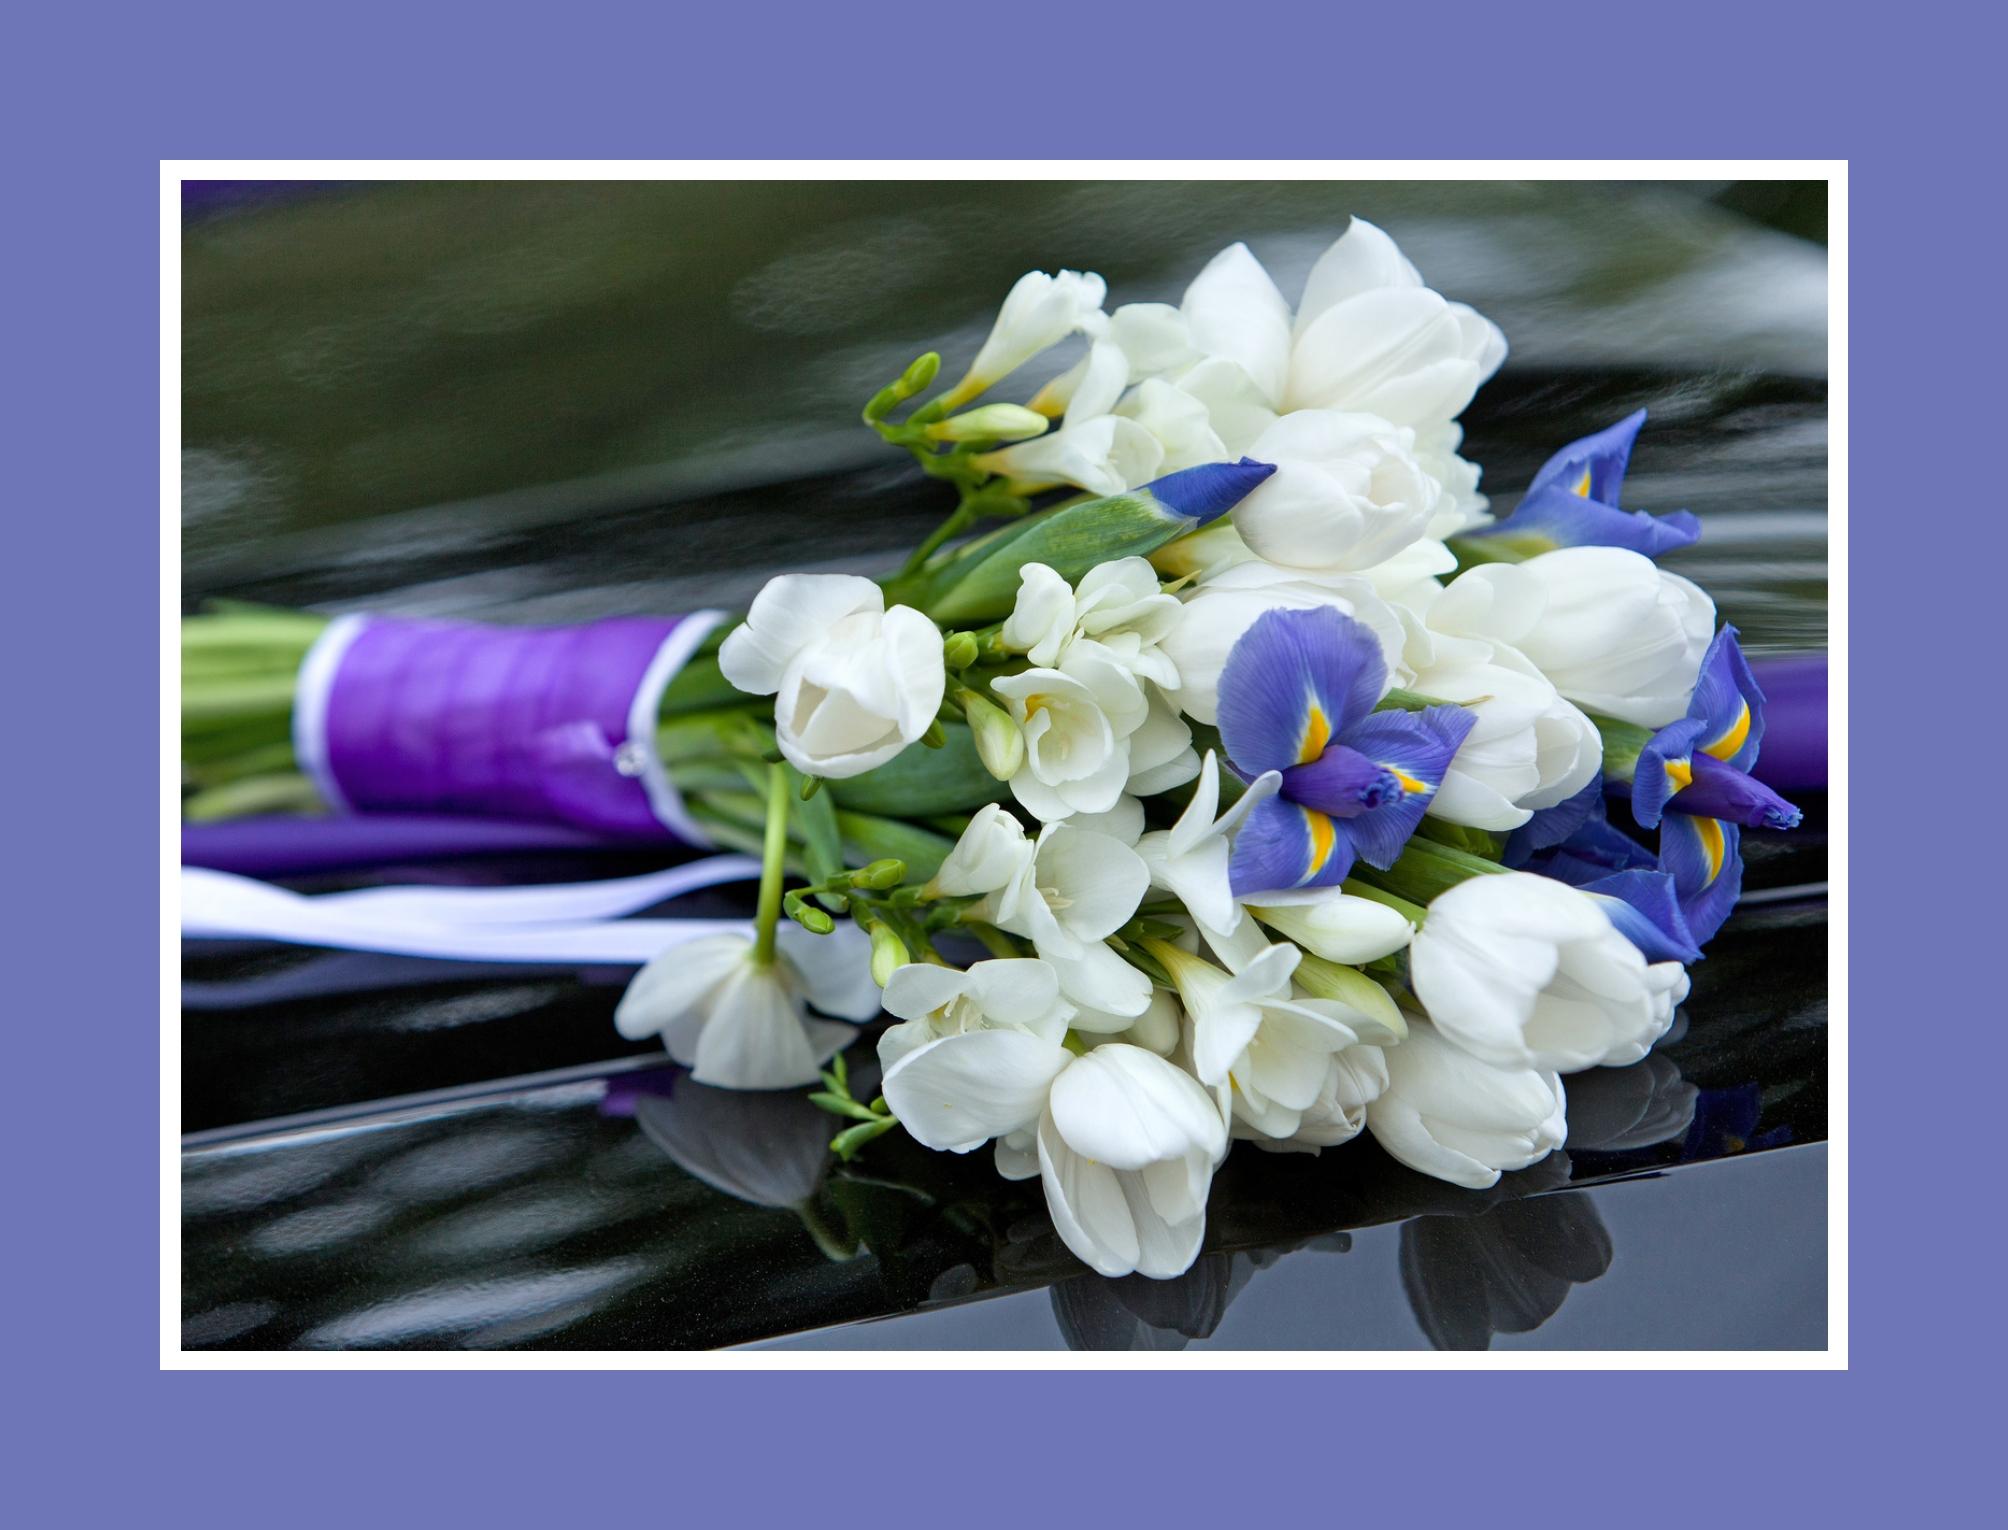 Blumenstrauß aus weißen Freesien und lila Veilchen